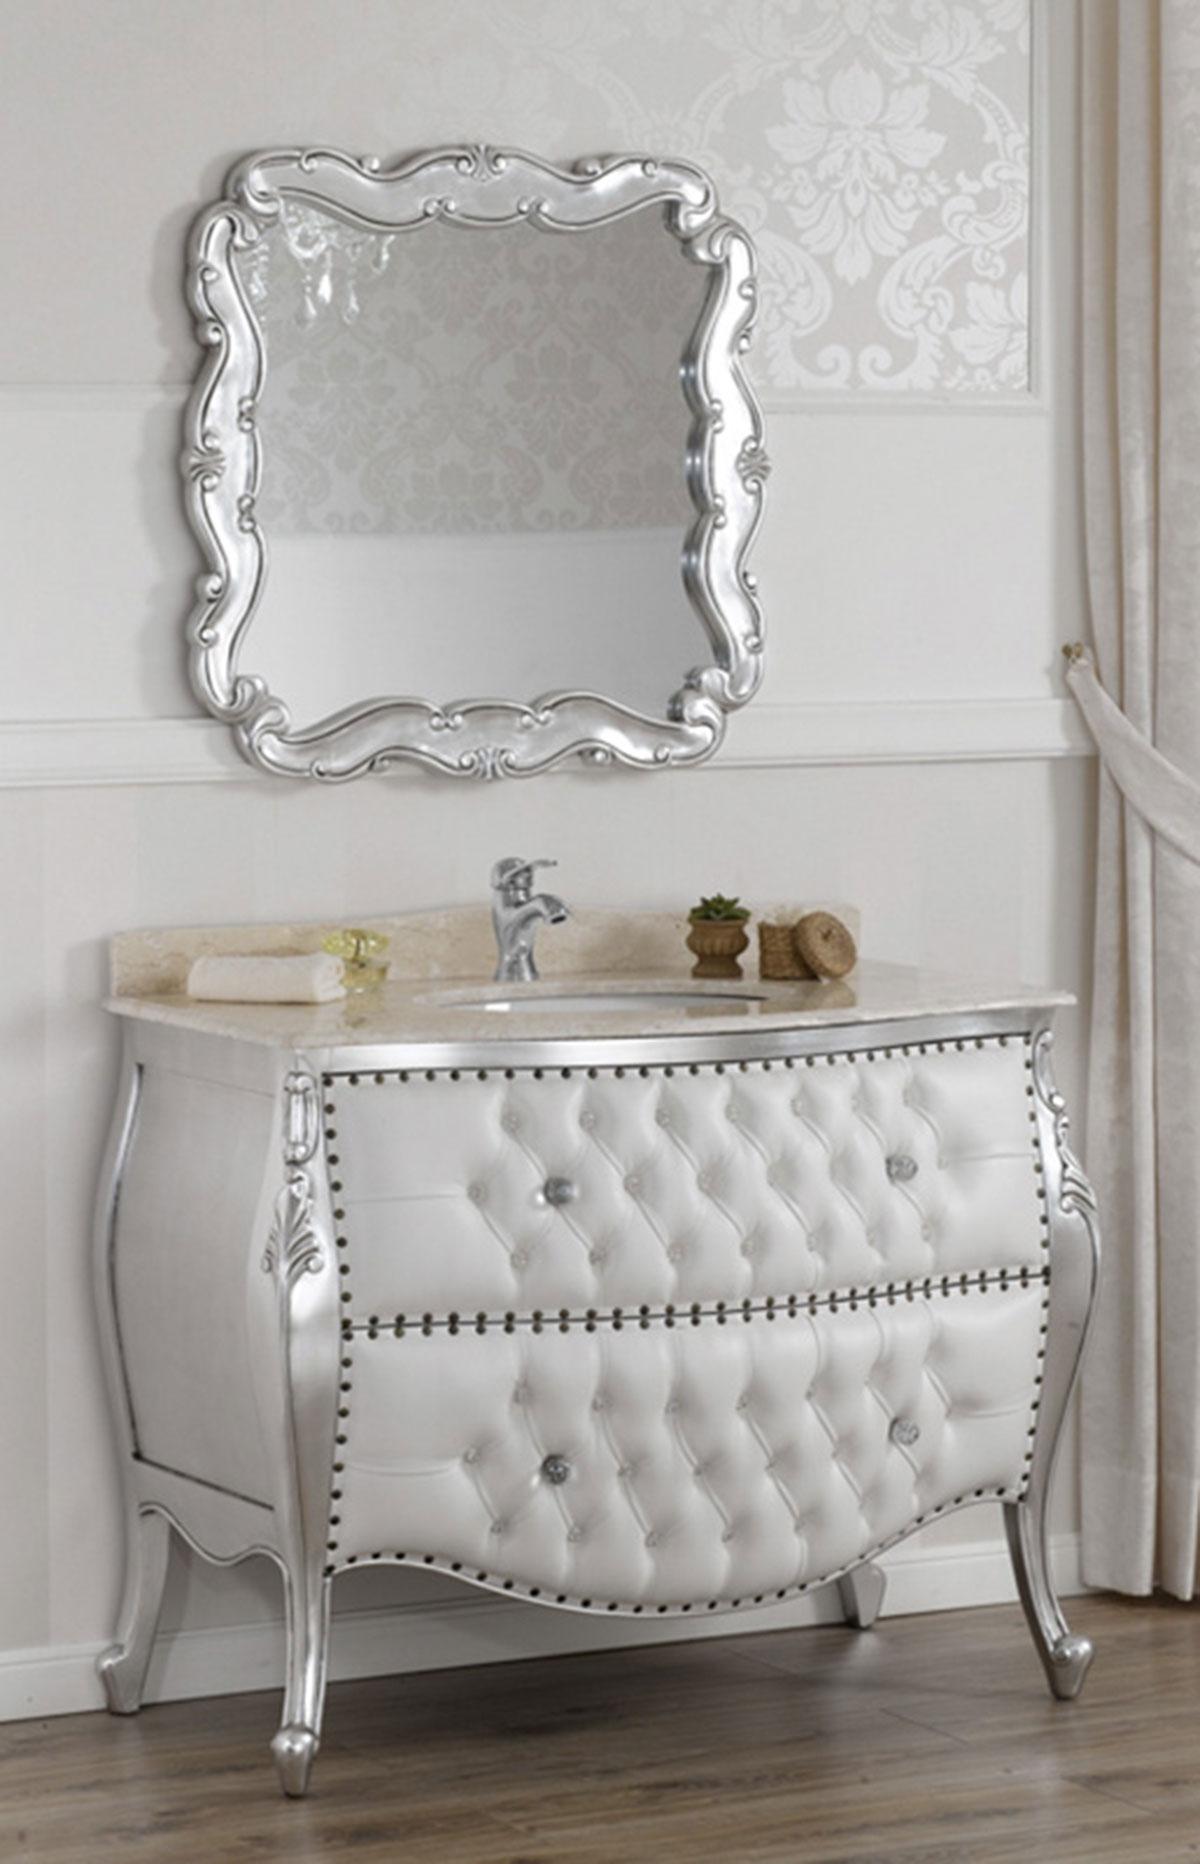 Meuble salle de bain avec miroir style baroque moderne - Meuble de salle de bain style baroque ...